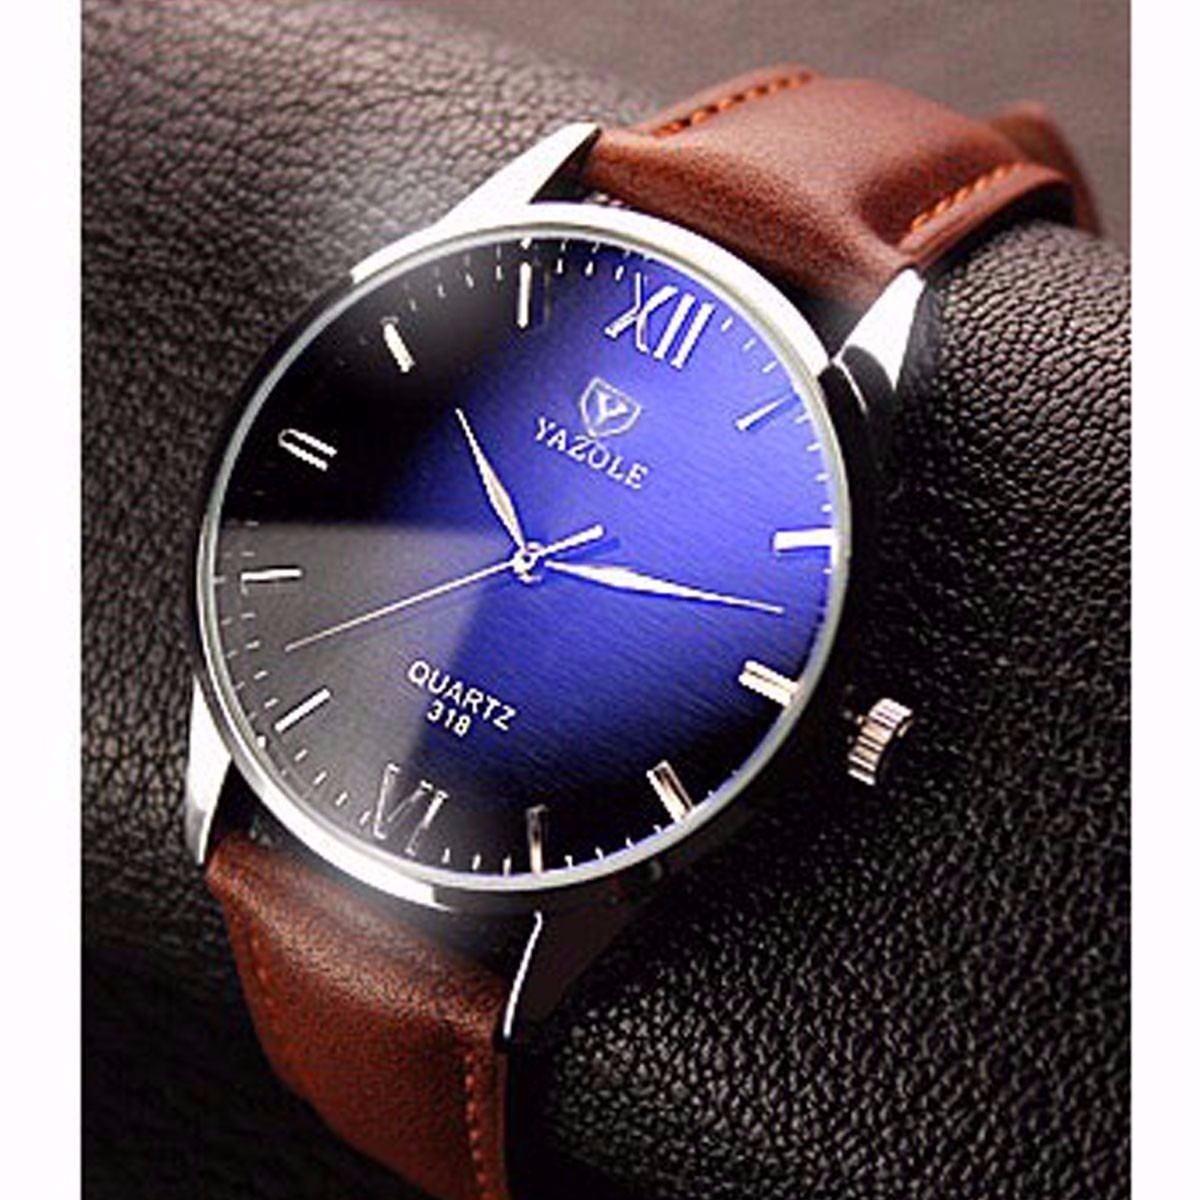 b78a2158eb3 Relógio Masculino De Luxo Yazole - Marrom - Cod 318 - R  80